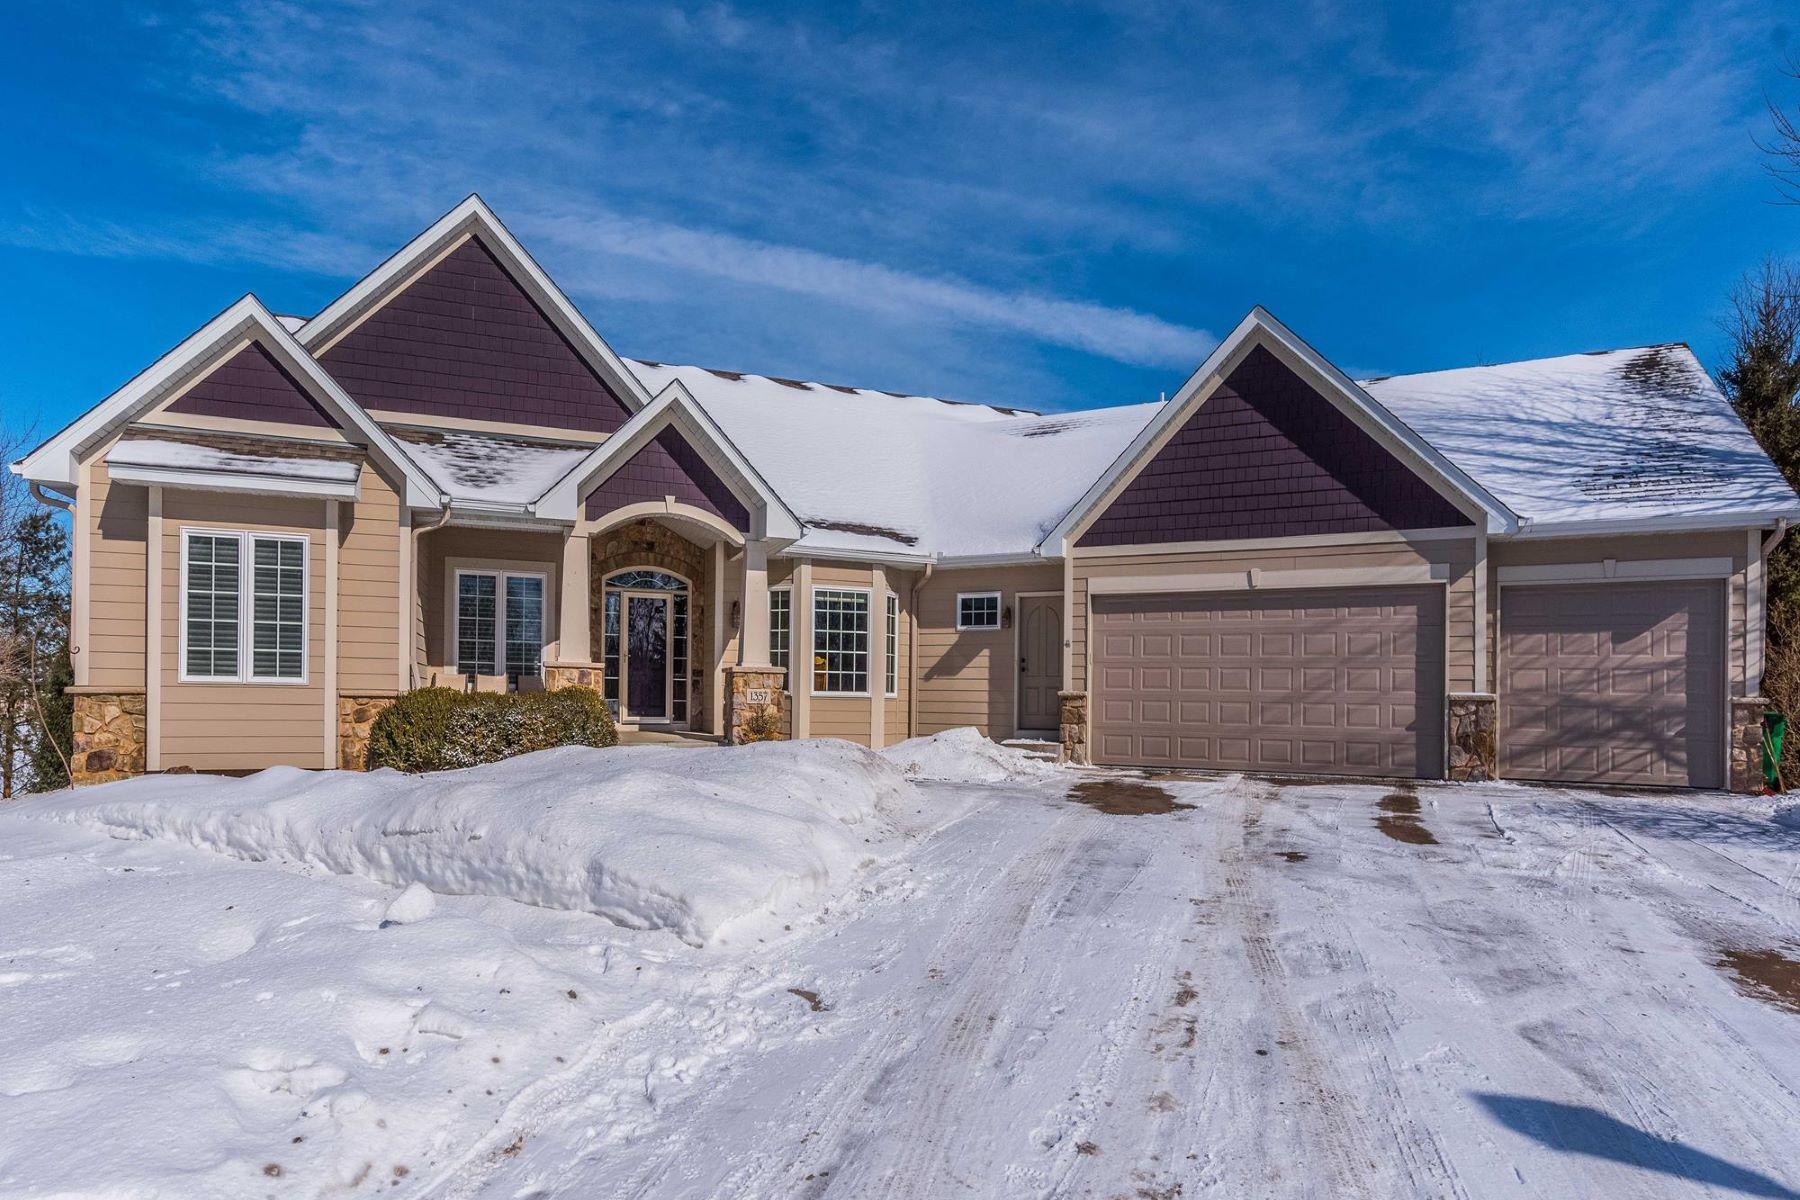 独户住宅 为 销售 在 1357 Grace Drive 伊根, 明尼苏达州, 55123 美国